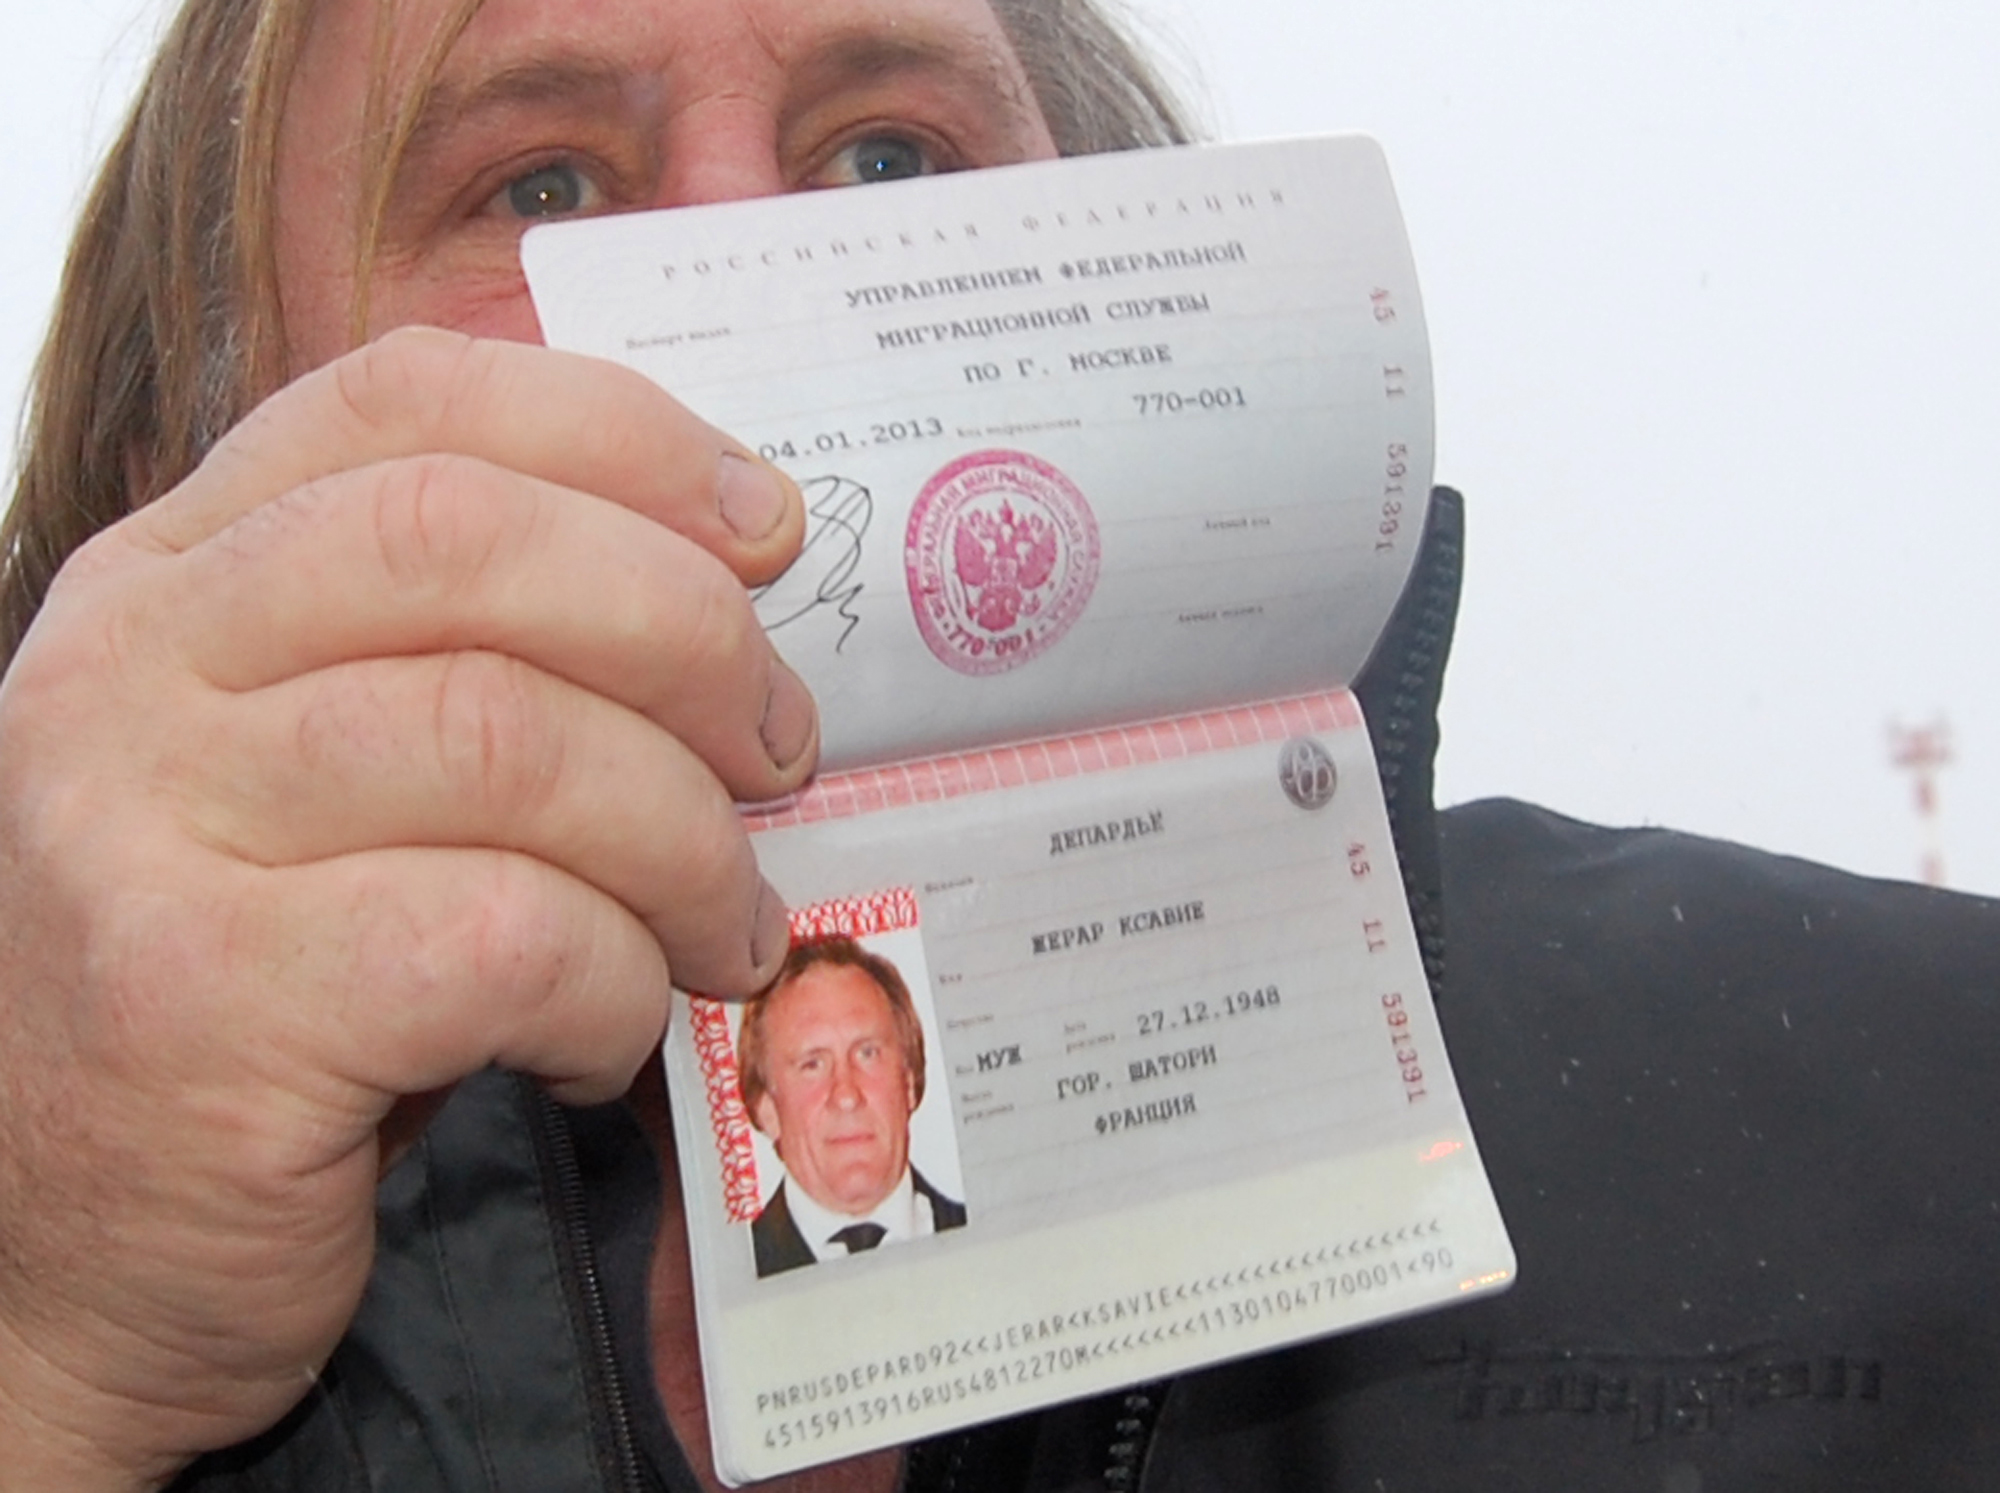 Россиян ждут генетические паспорта. что это такое и зачем они нужны? - bbc news русская служба